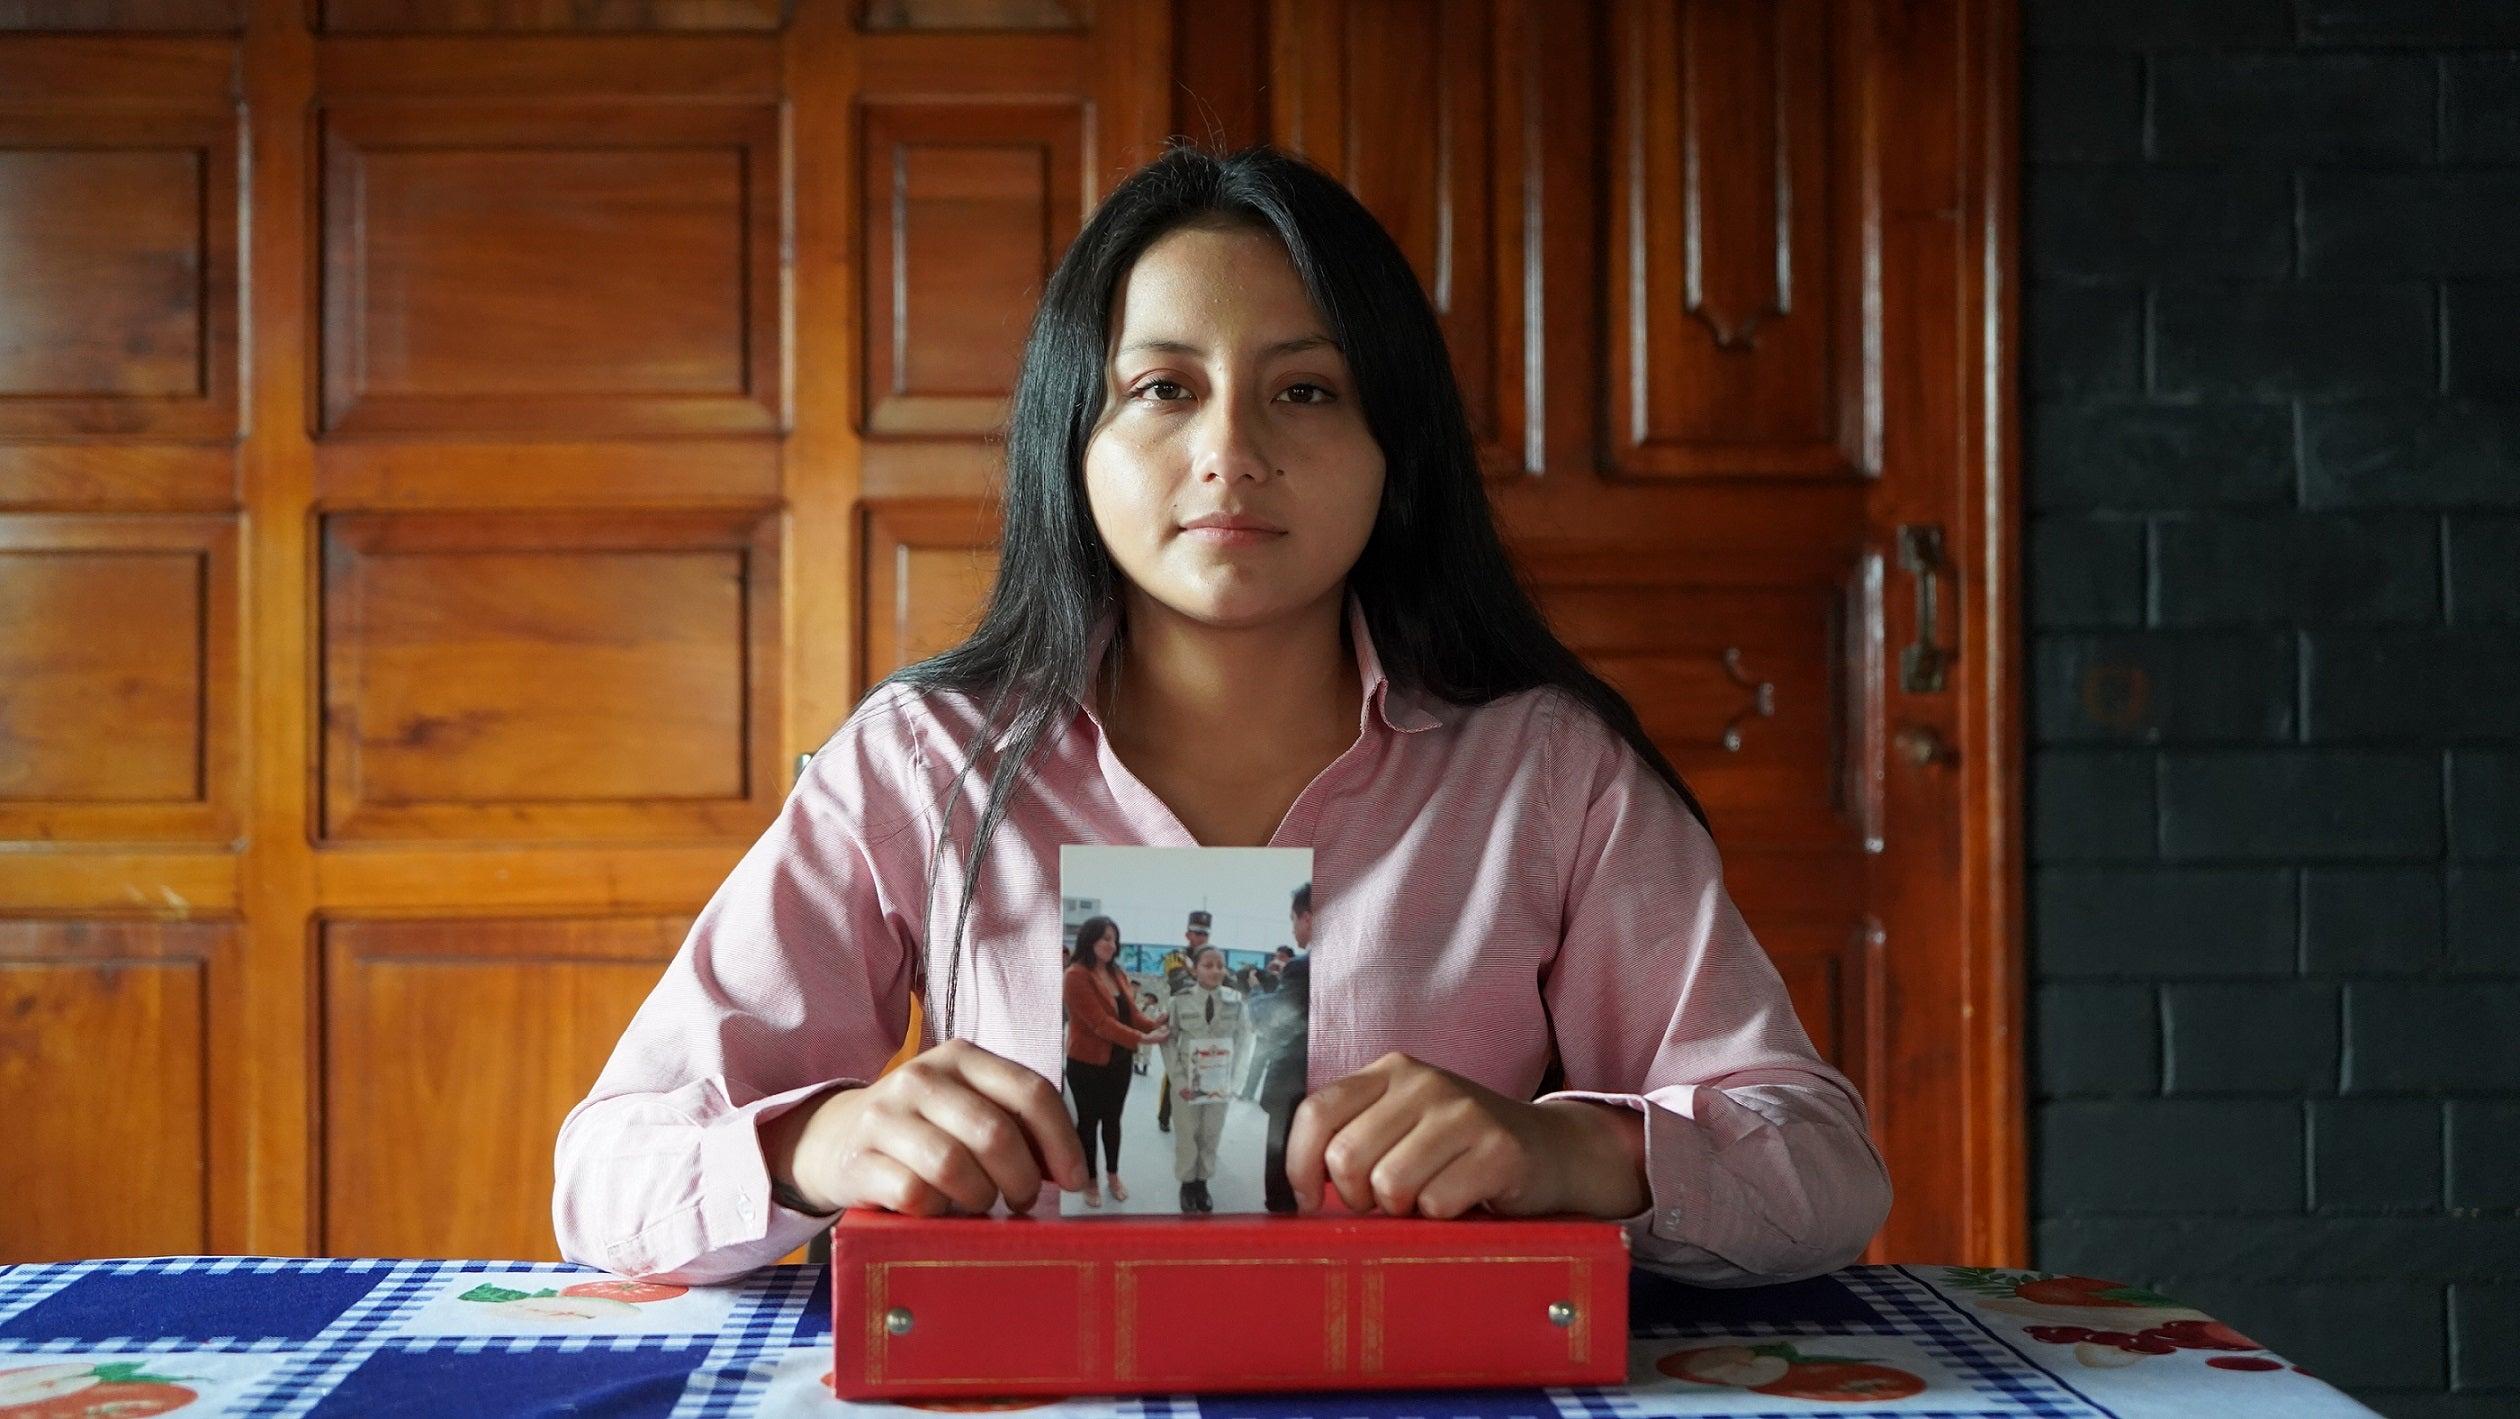 La Violencia Sexual En Instituciones Educativas Y Los Esfuerzos De Jóvenes Sobrevivientes Por Obtener Justicia En Ecuador Hrw